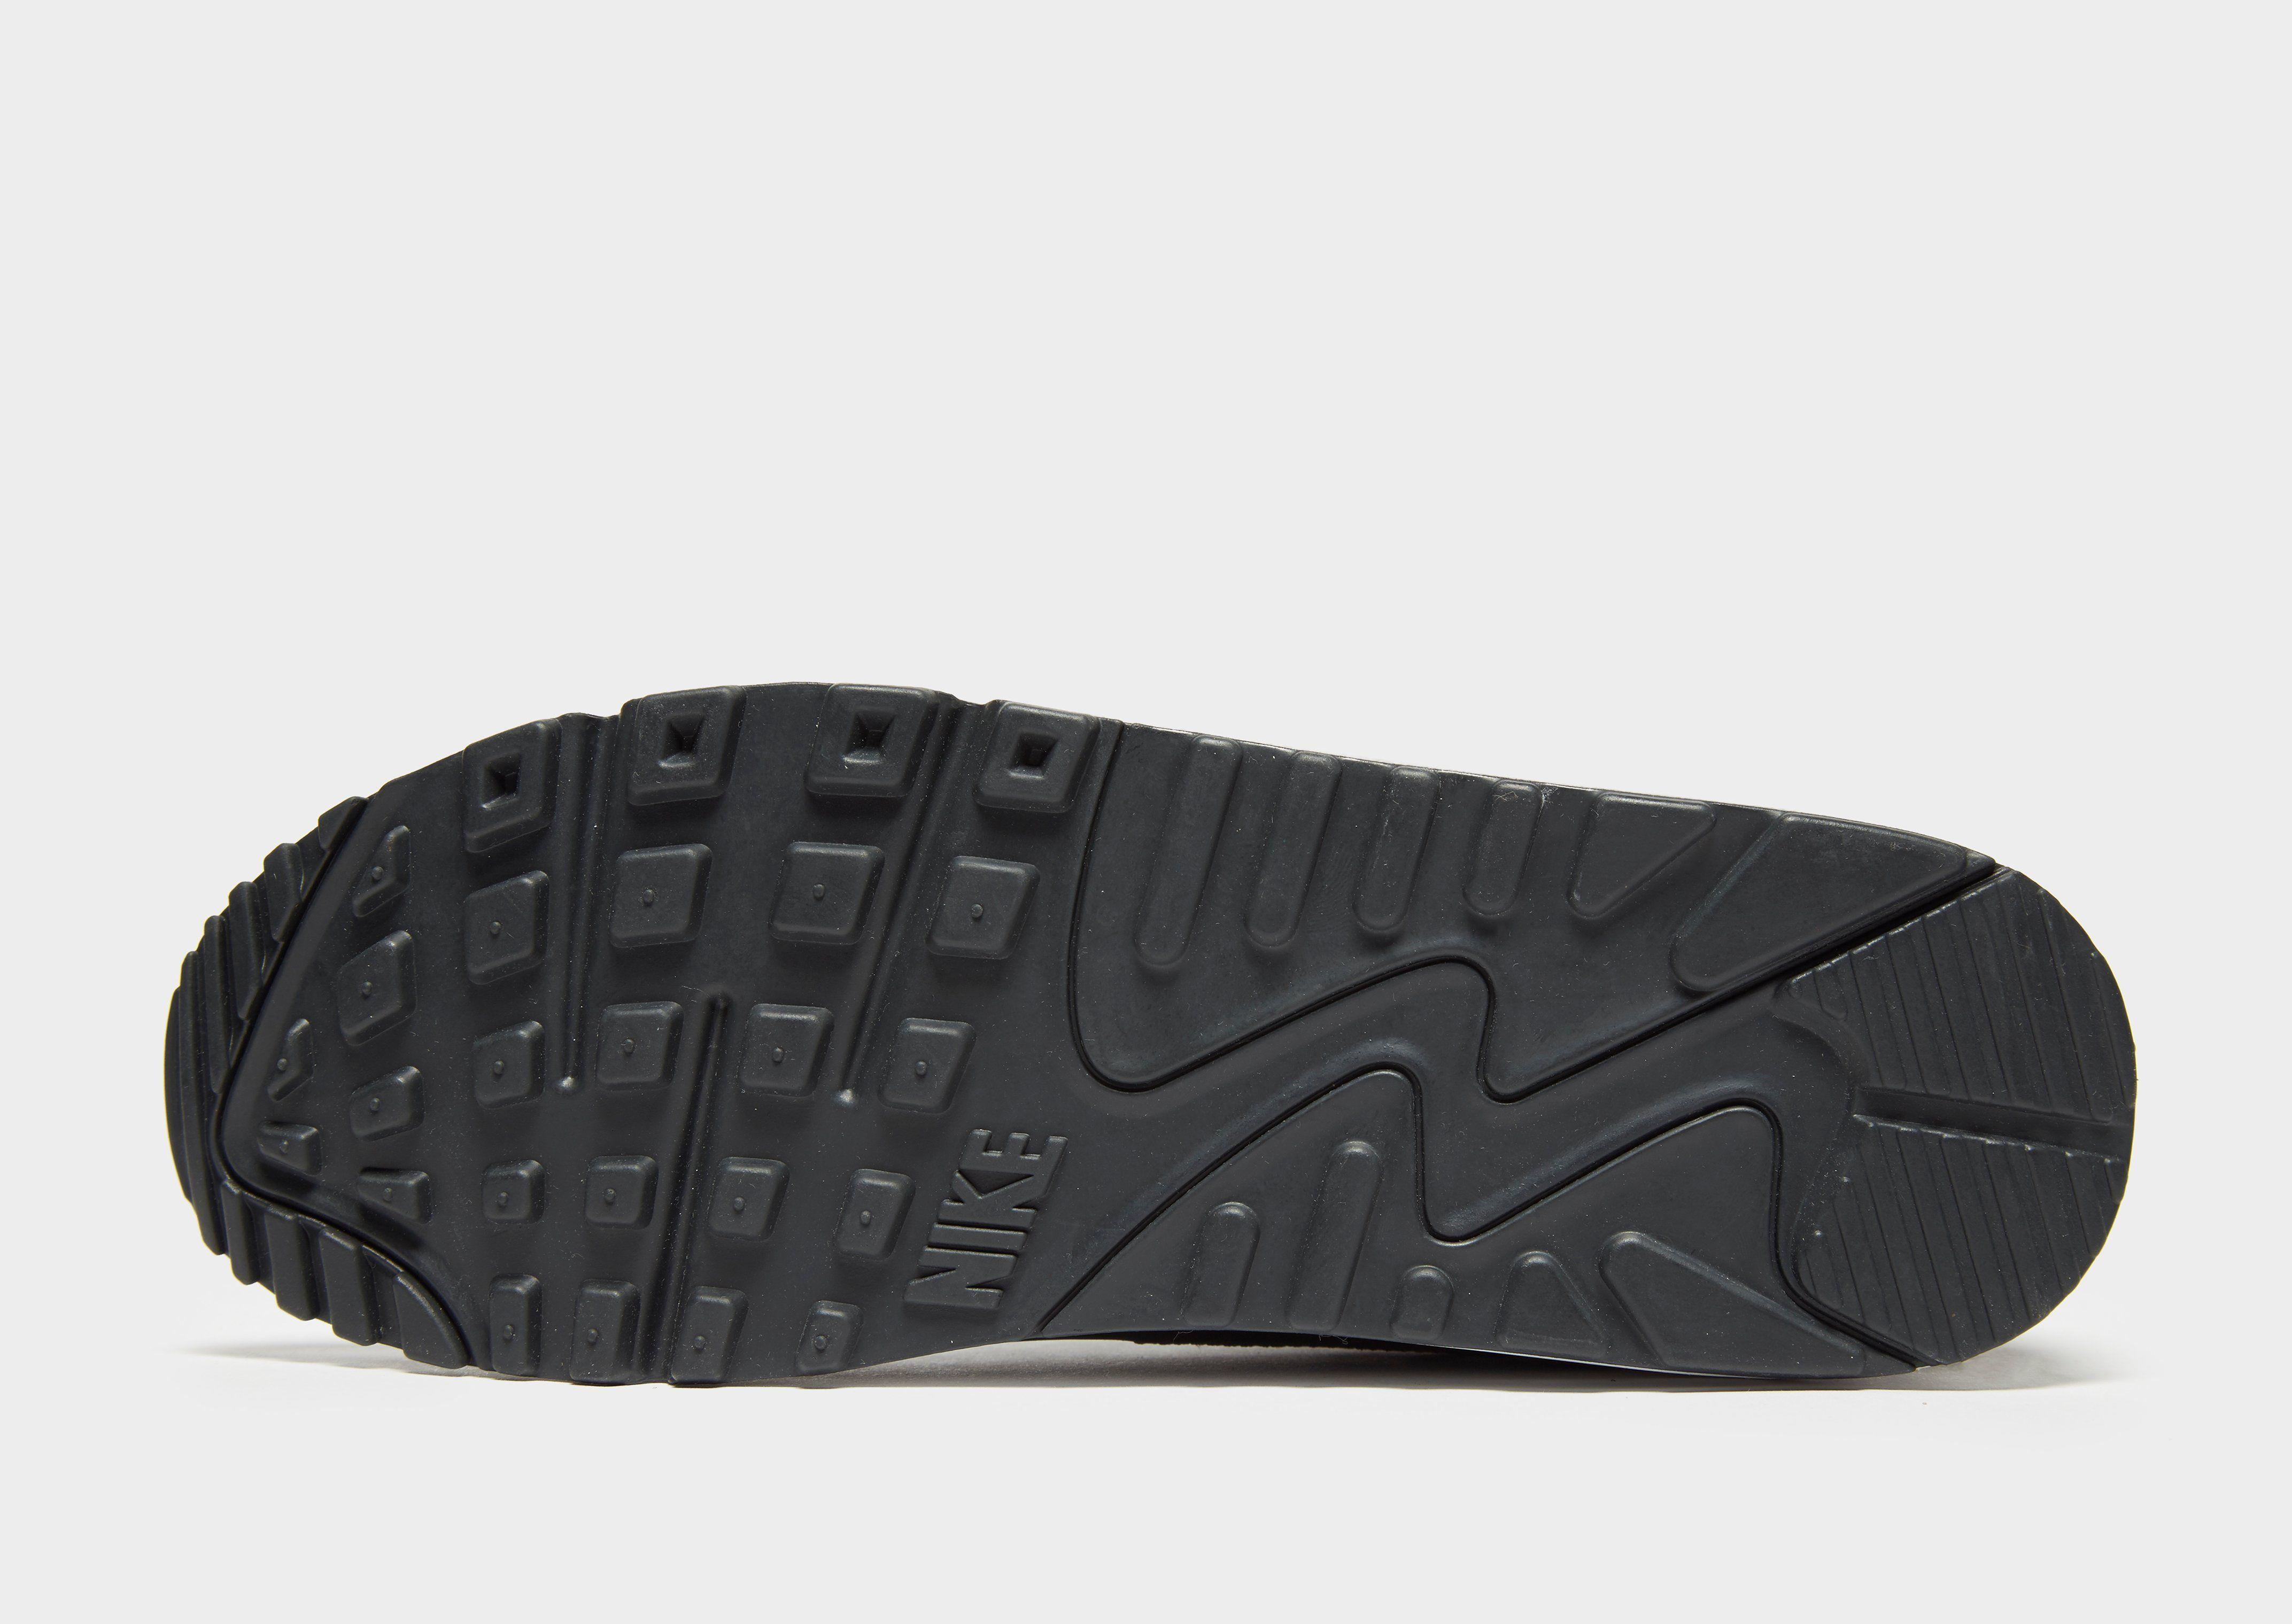 Günstigen Preis Kaufen Rabatt Nike Air Max 90 Essential Grau Mit Kreditkarte Zu Verkaufen Niedriger Versand Günstige Spielraum Freies Verschiffen Wahl 1aRQu6b